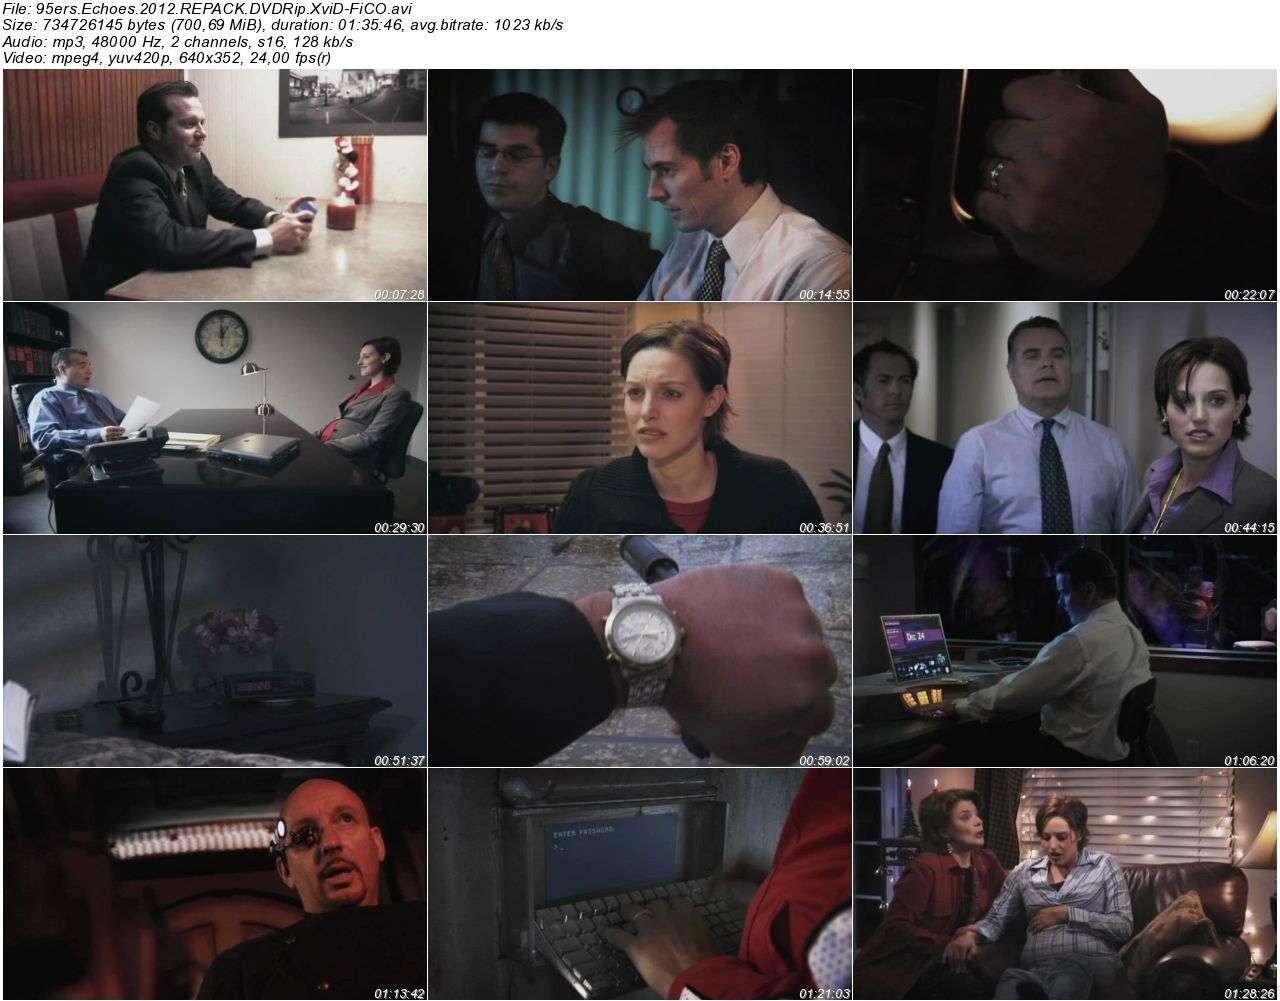 95ers Echoes - 2012 DVDRip XviD - Türkçe Altyazılı Tek Link indir